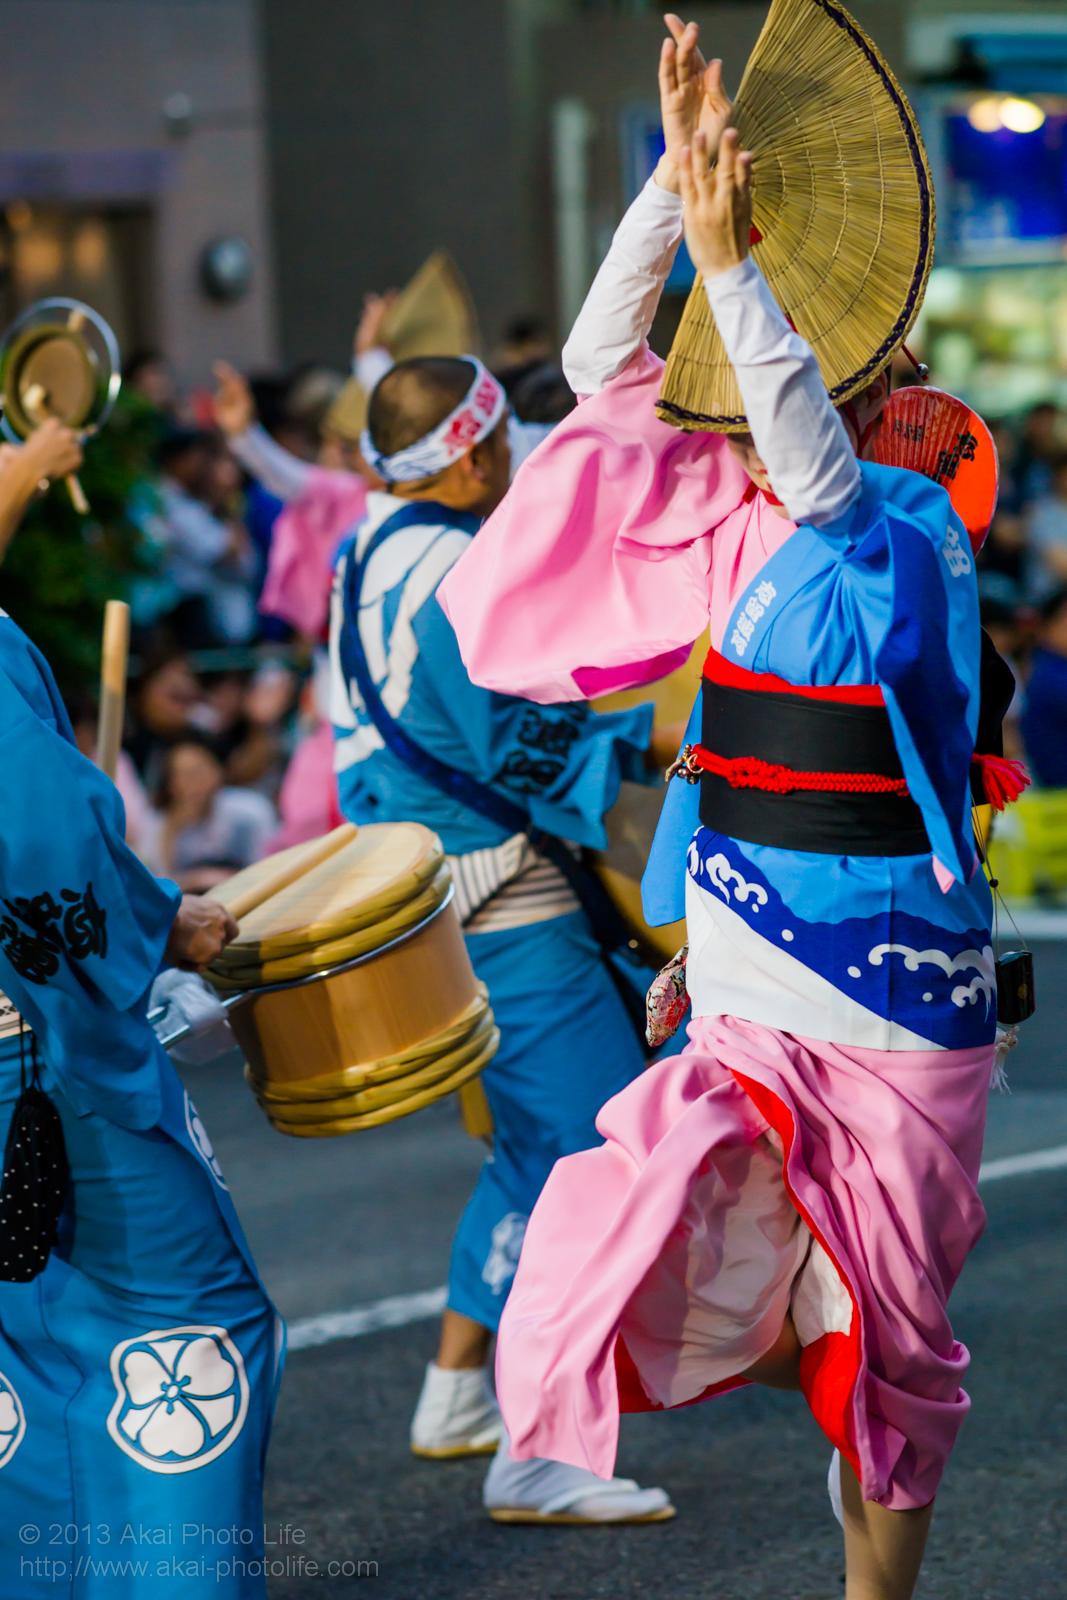 高円寺阿波踊り 志留波阿連の女踊り